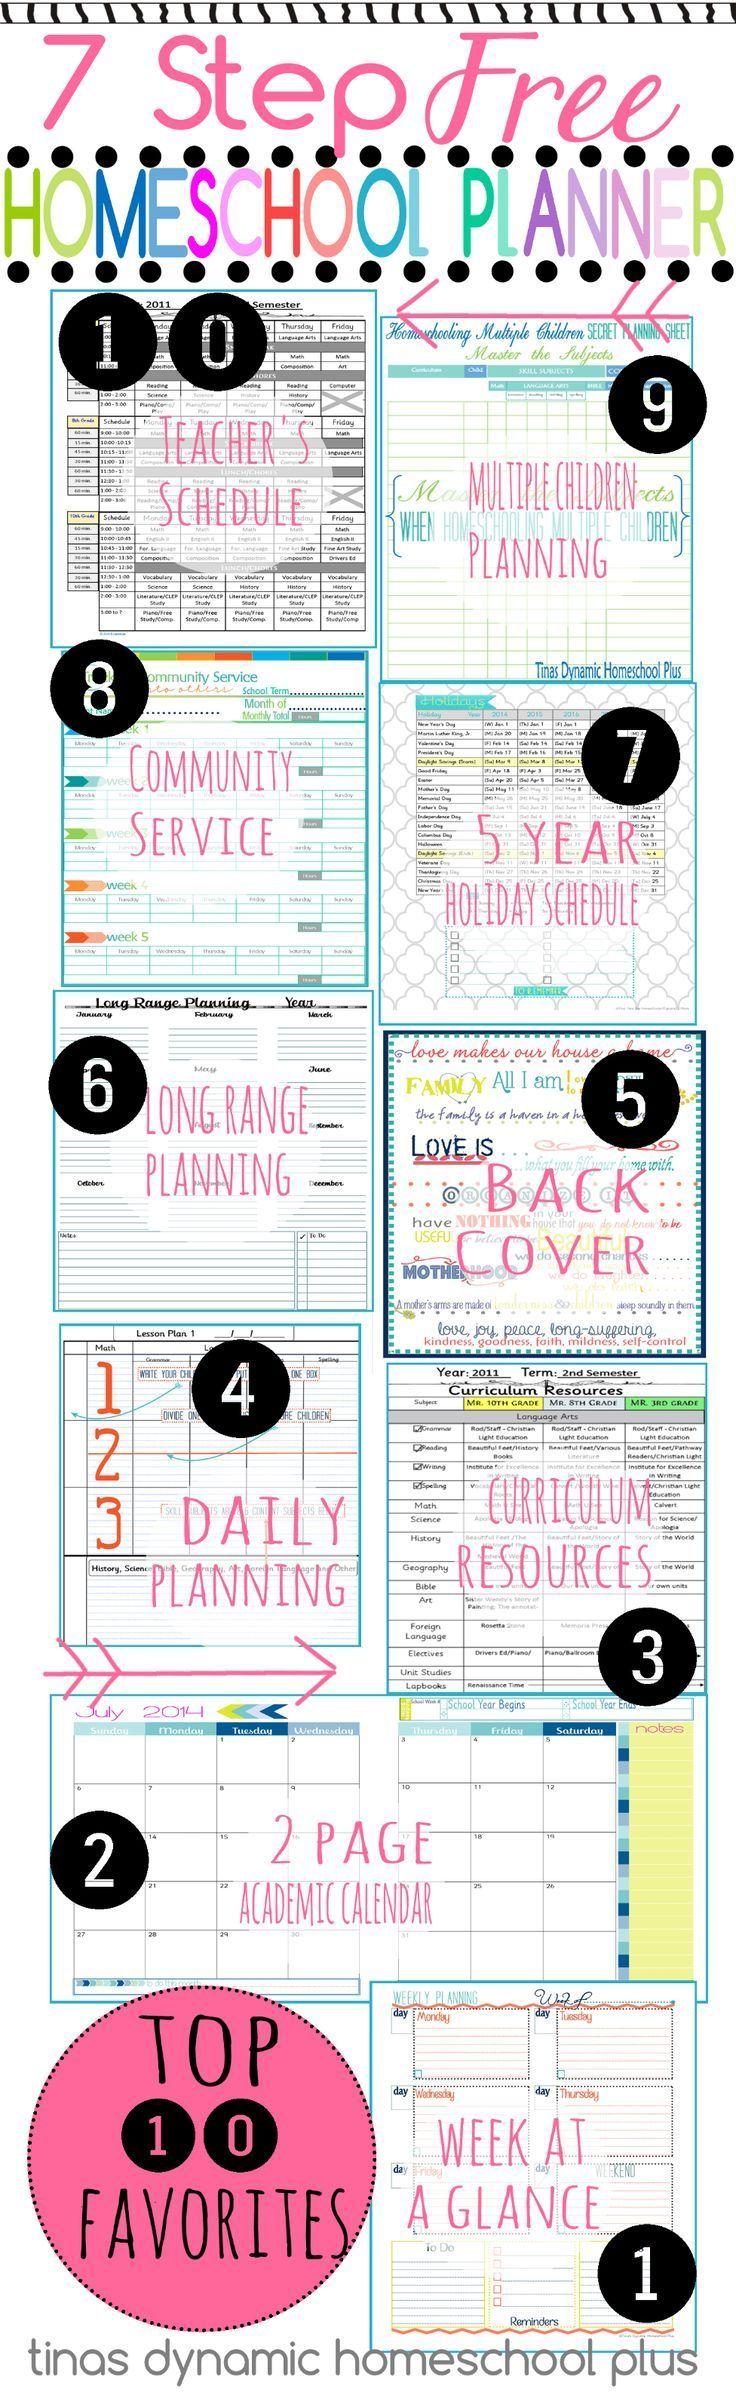 7 Step Homeschool Planner .Top 10 Favorite Homeschool Forms |Tina's Dynamic Homeschool Plus #7stephomeschoolplanner